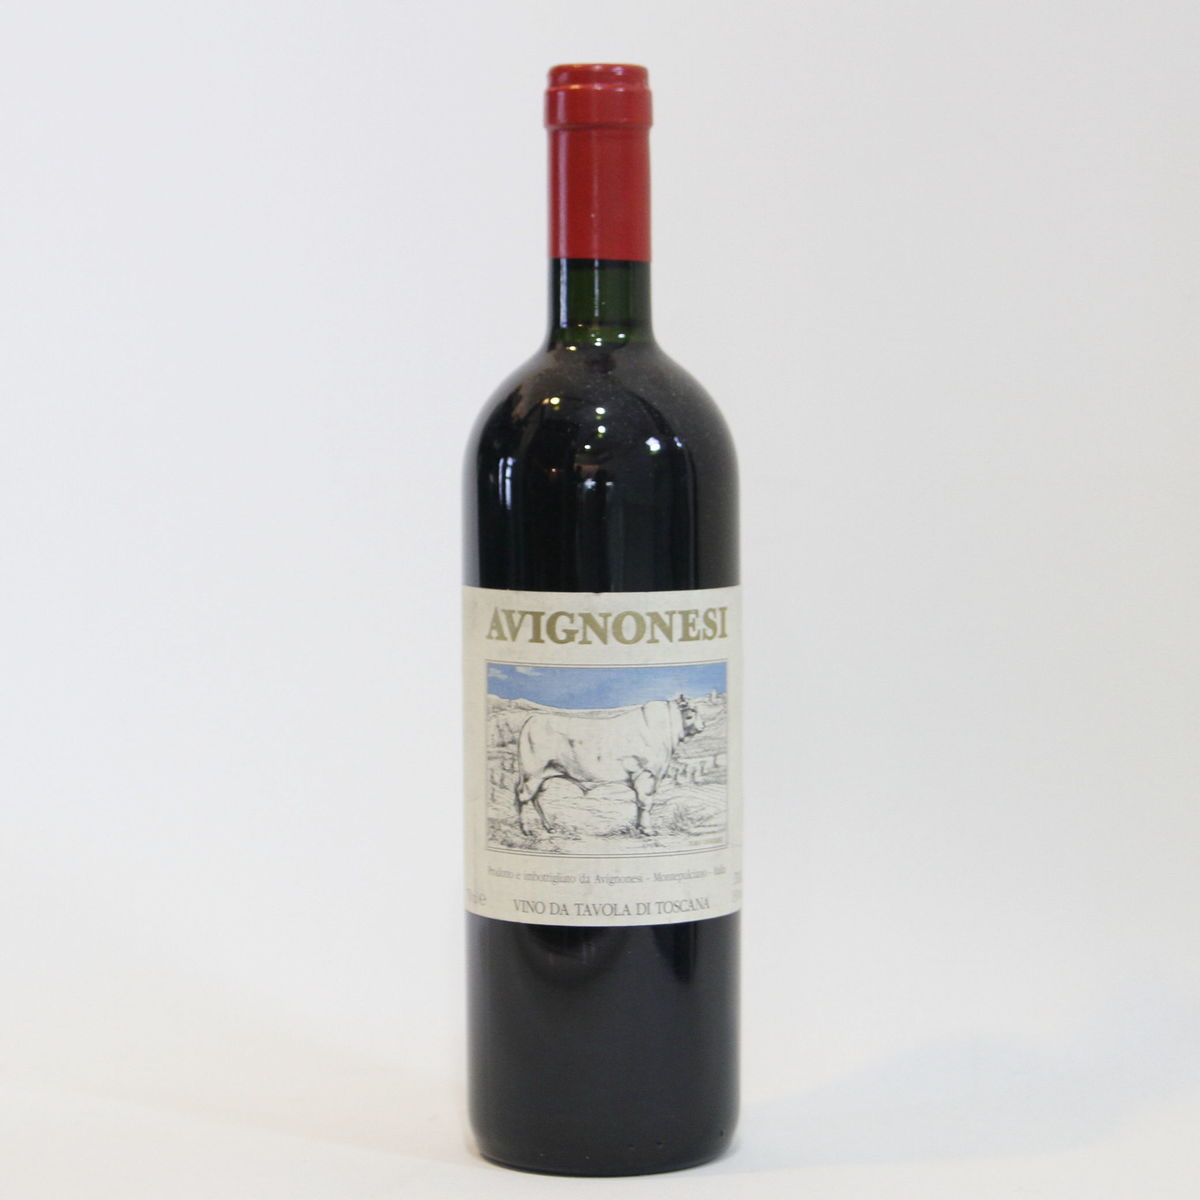 【1990年】デジデリオ アビニョネージ Desiderio Avignonesi イタリア トスカーナ州 赤ワイン 750ml